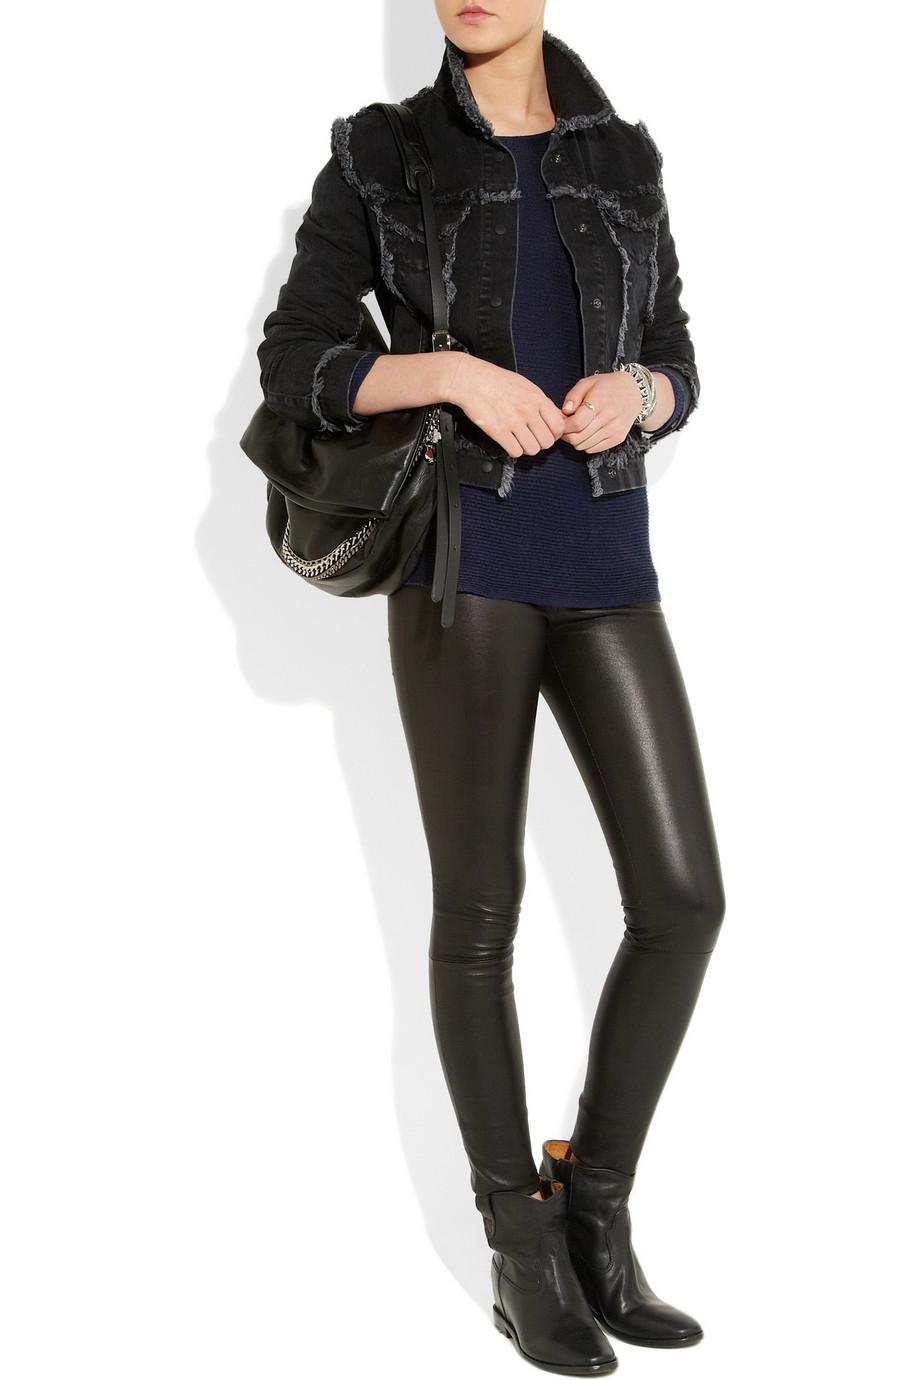 isabel marant cluster leather concealed wedge biker boots in black lyst. Black Bedroom Furniture Sets. Home Design Ideas